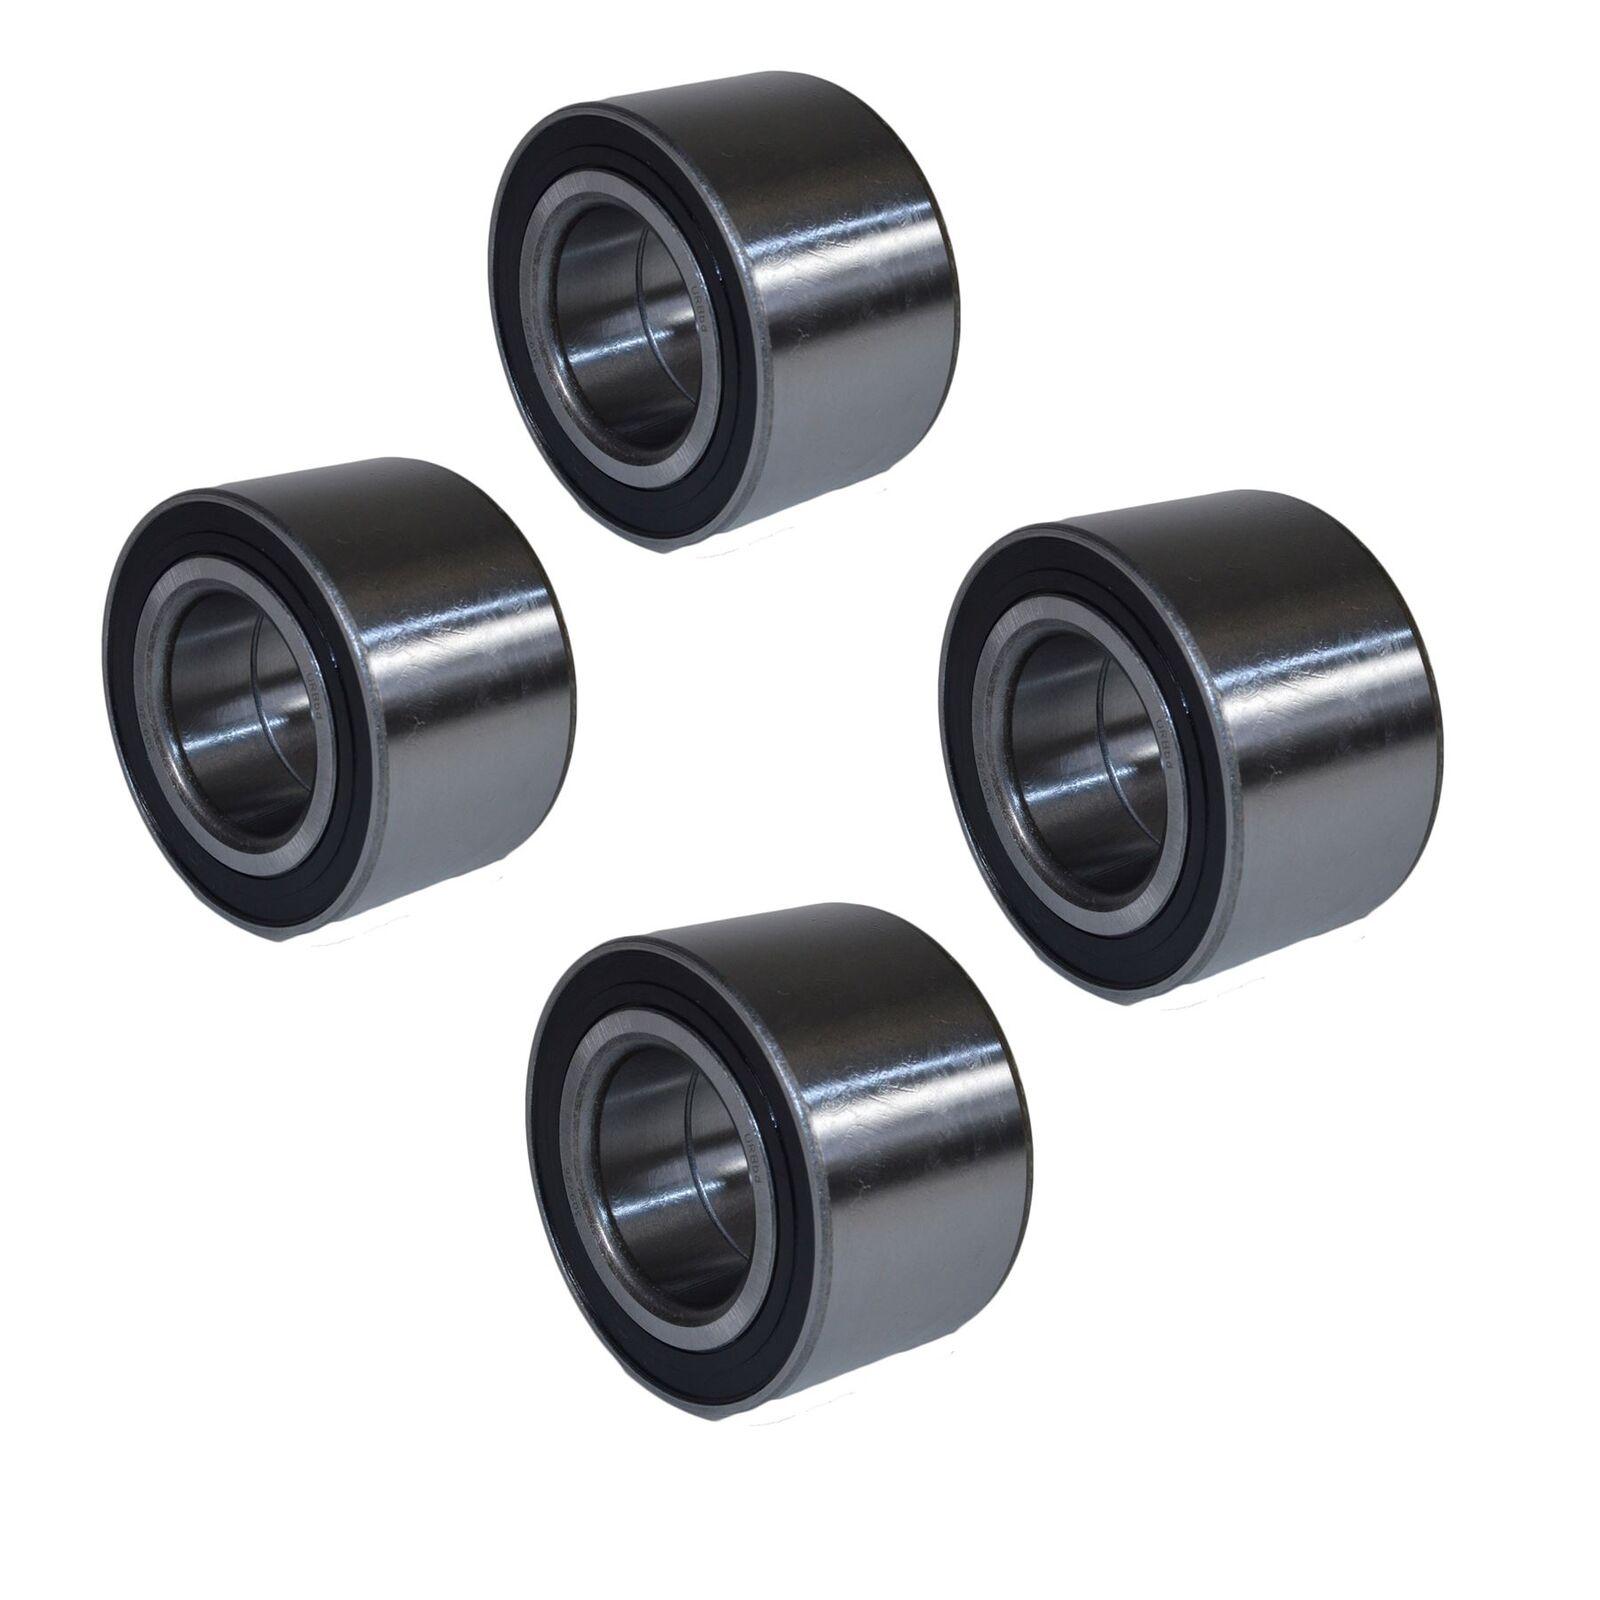 4 Moyeu de roue étanche du roulement à billes ALKO KNOTT Compact ID34 x de64 x